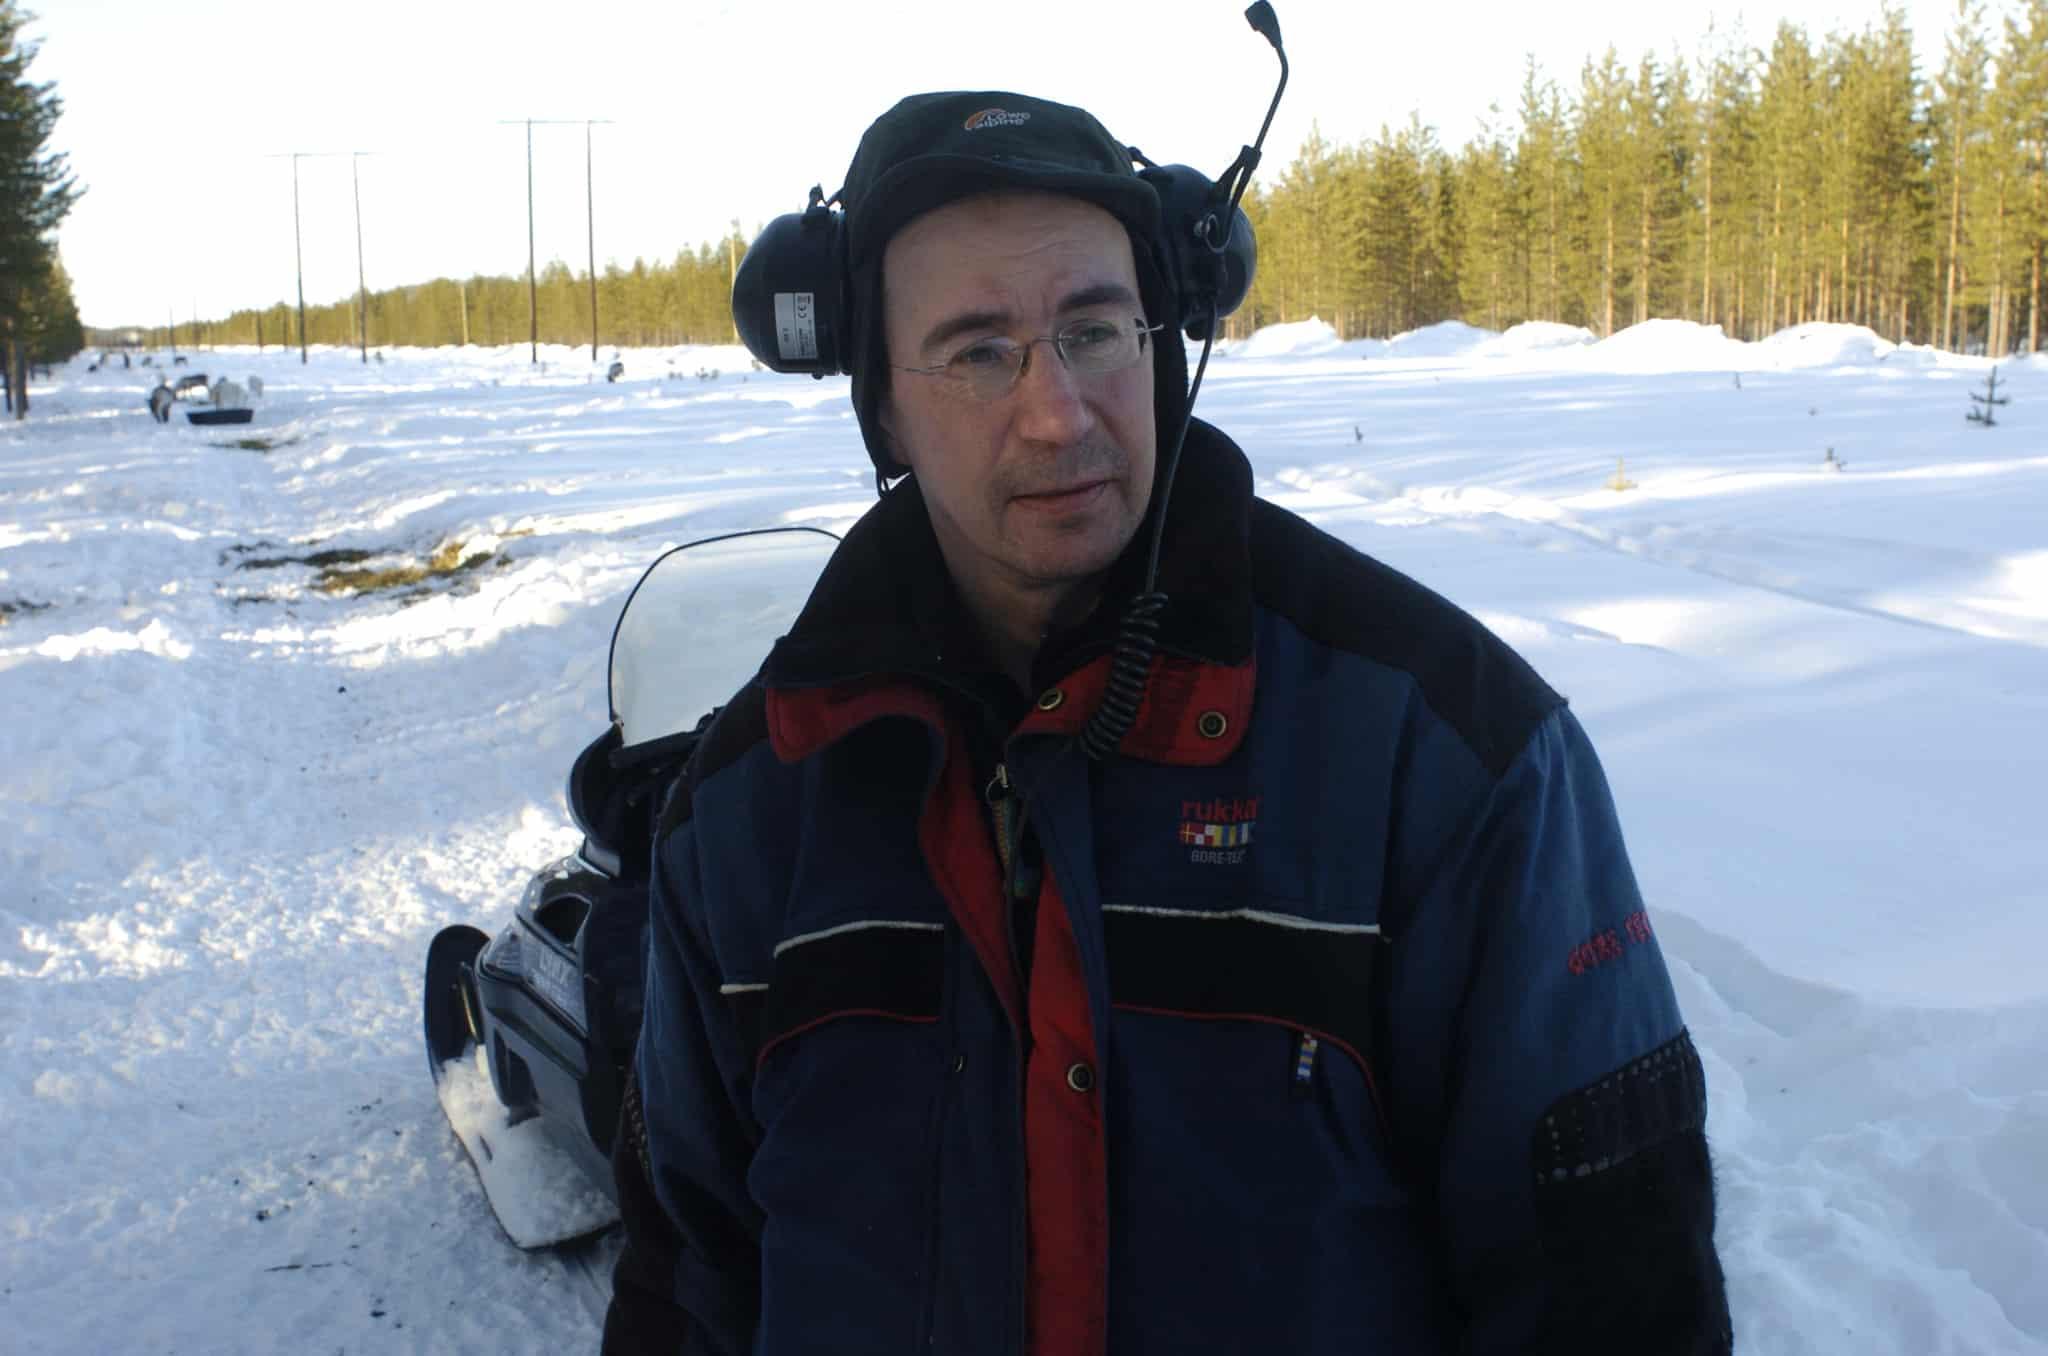 Jonas Jonsson i Maskaure sameby ser den ökande järvstammen som ett stort problem för renskötseln. Foto: Bernt Karlsson